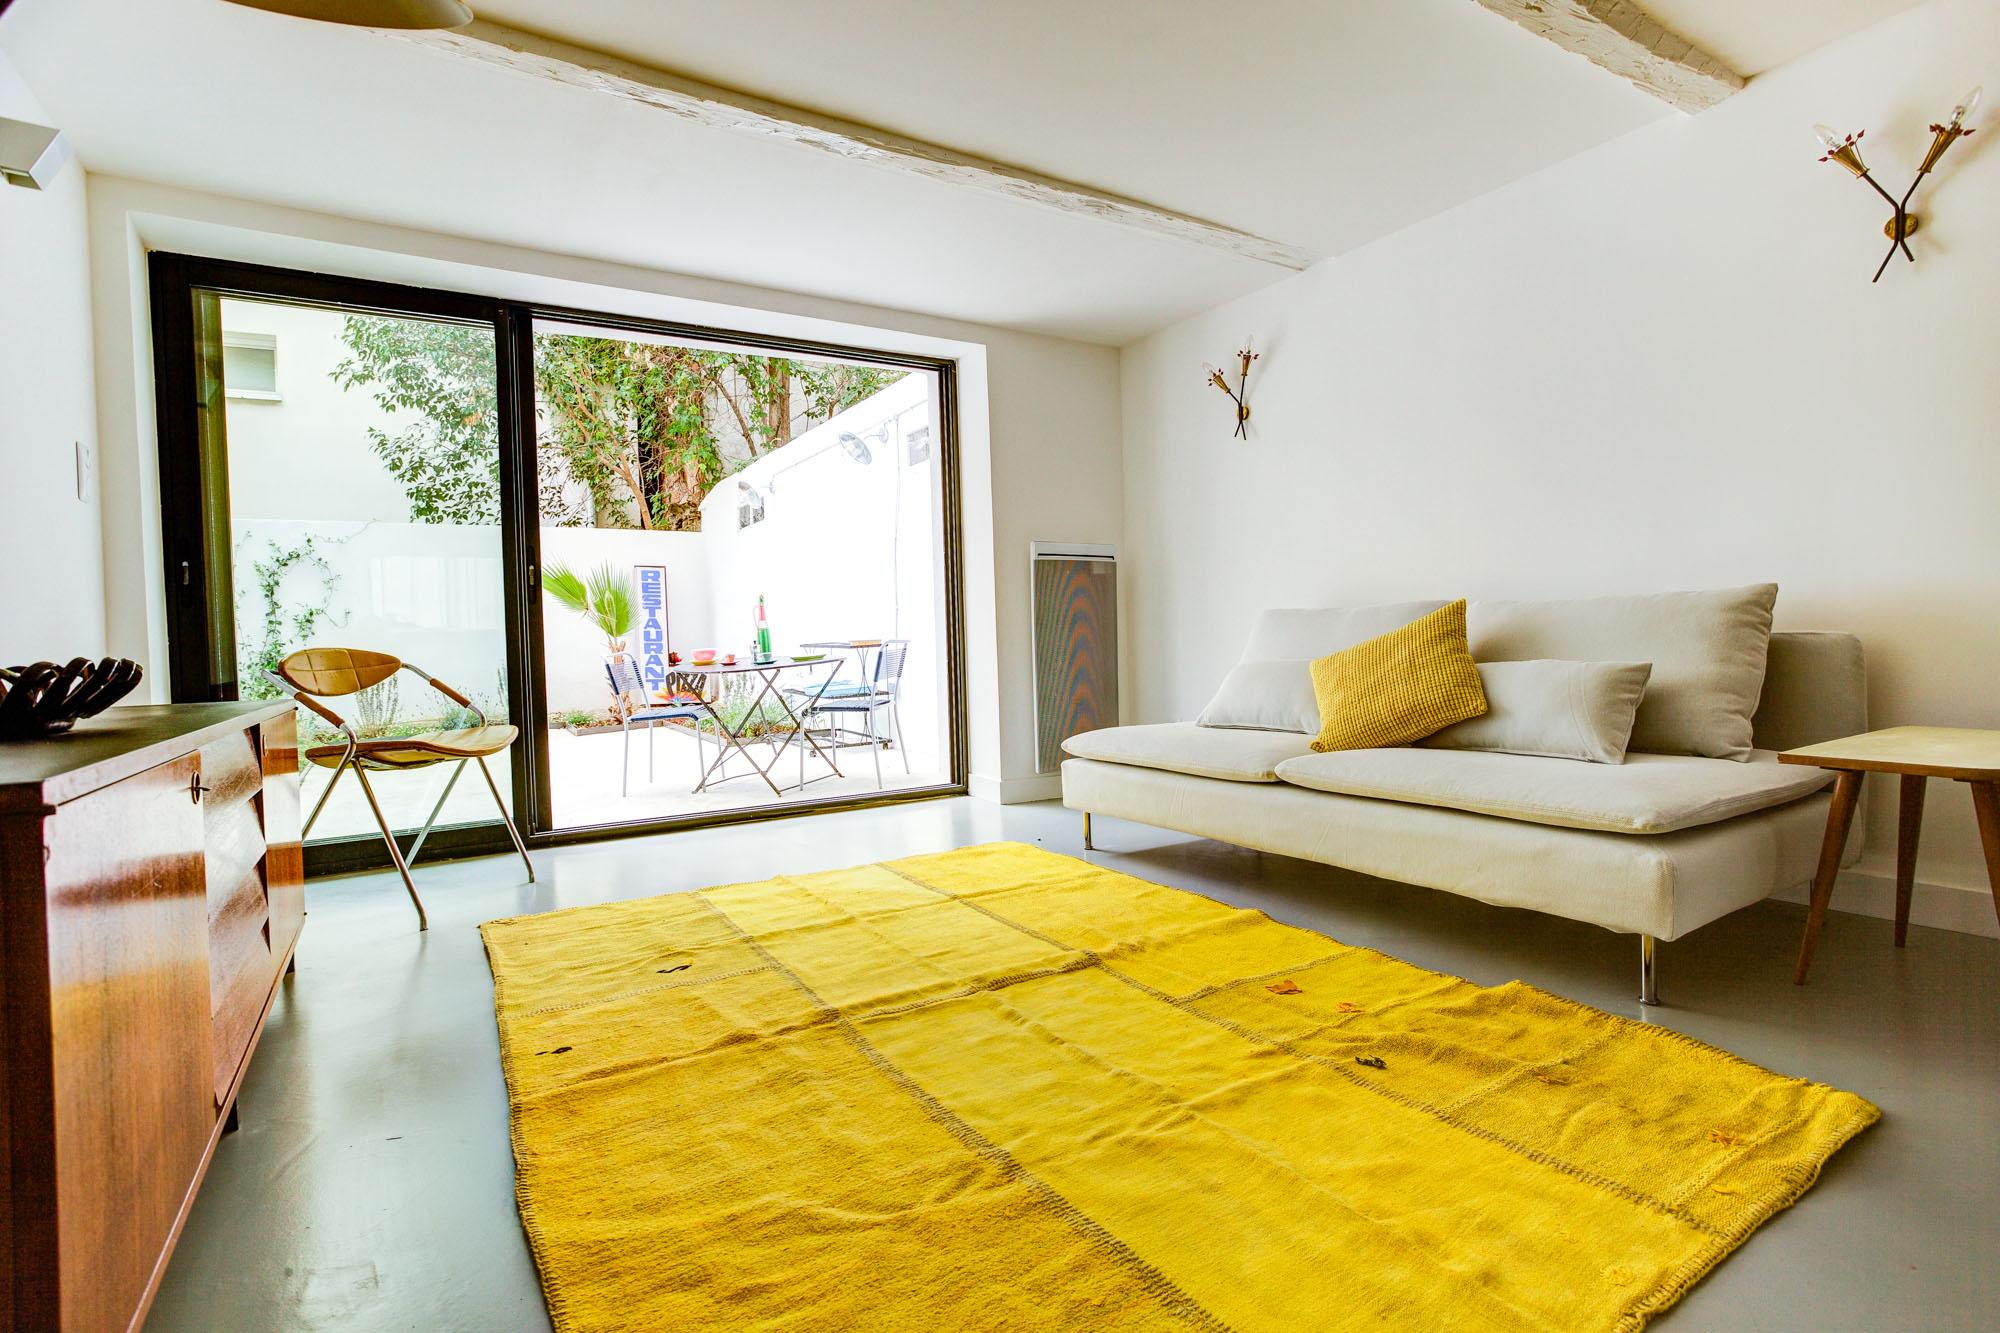 Castellane / Menpenti – Rez de jardin – Loft T3 – 85 m2 – Terrasse 32 m2 – 236000 €